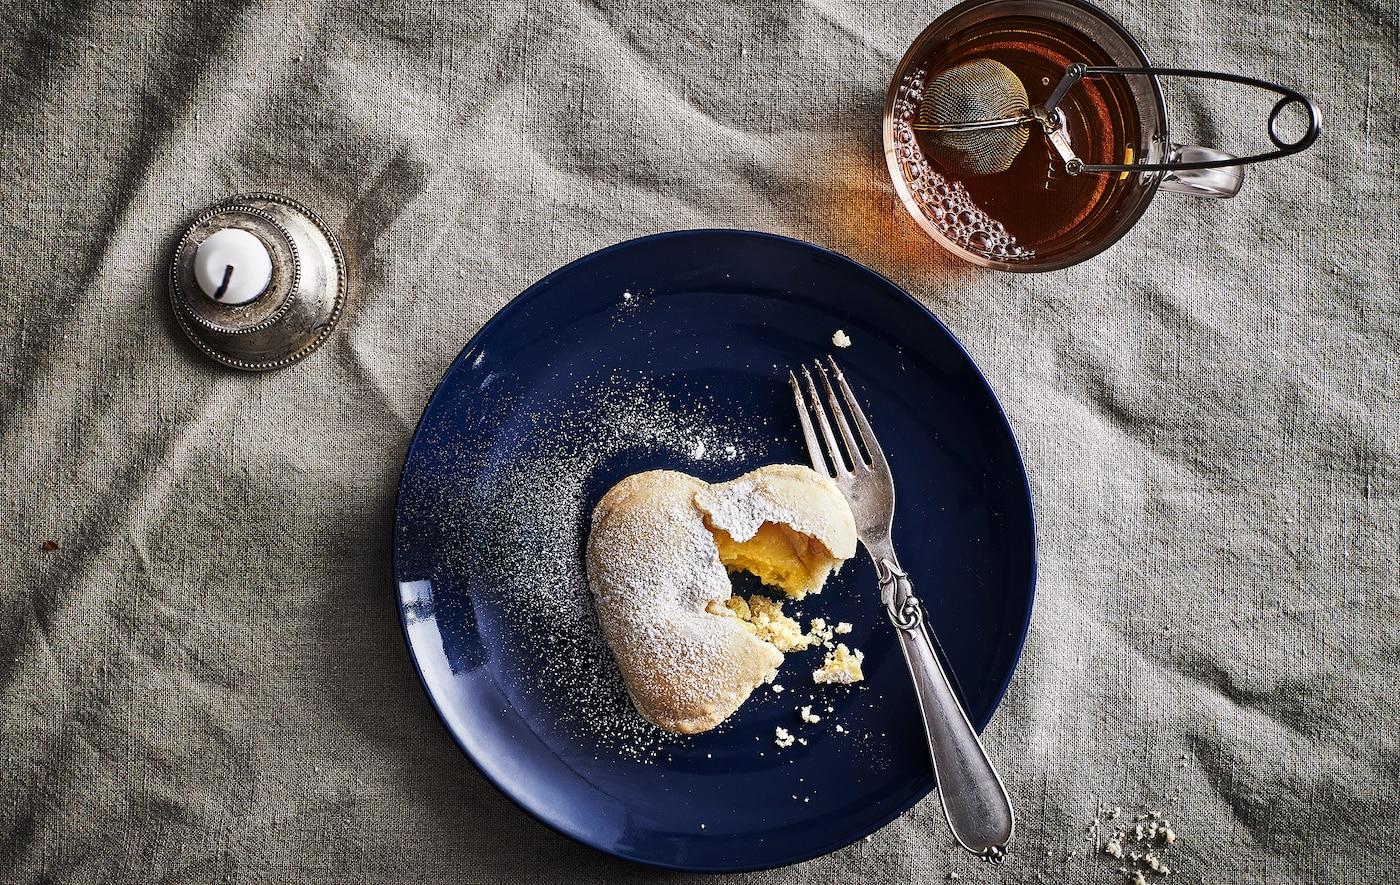 Uma bolacha de baunilha em forma de coração e um garfo em cima de um prato azul escuro, uma chávena com chá e uma vela.